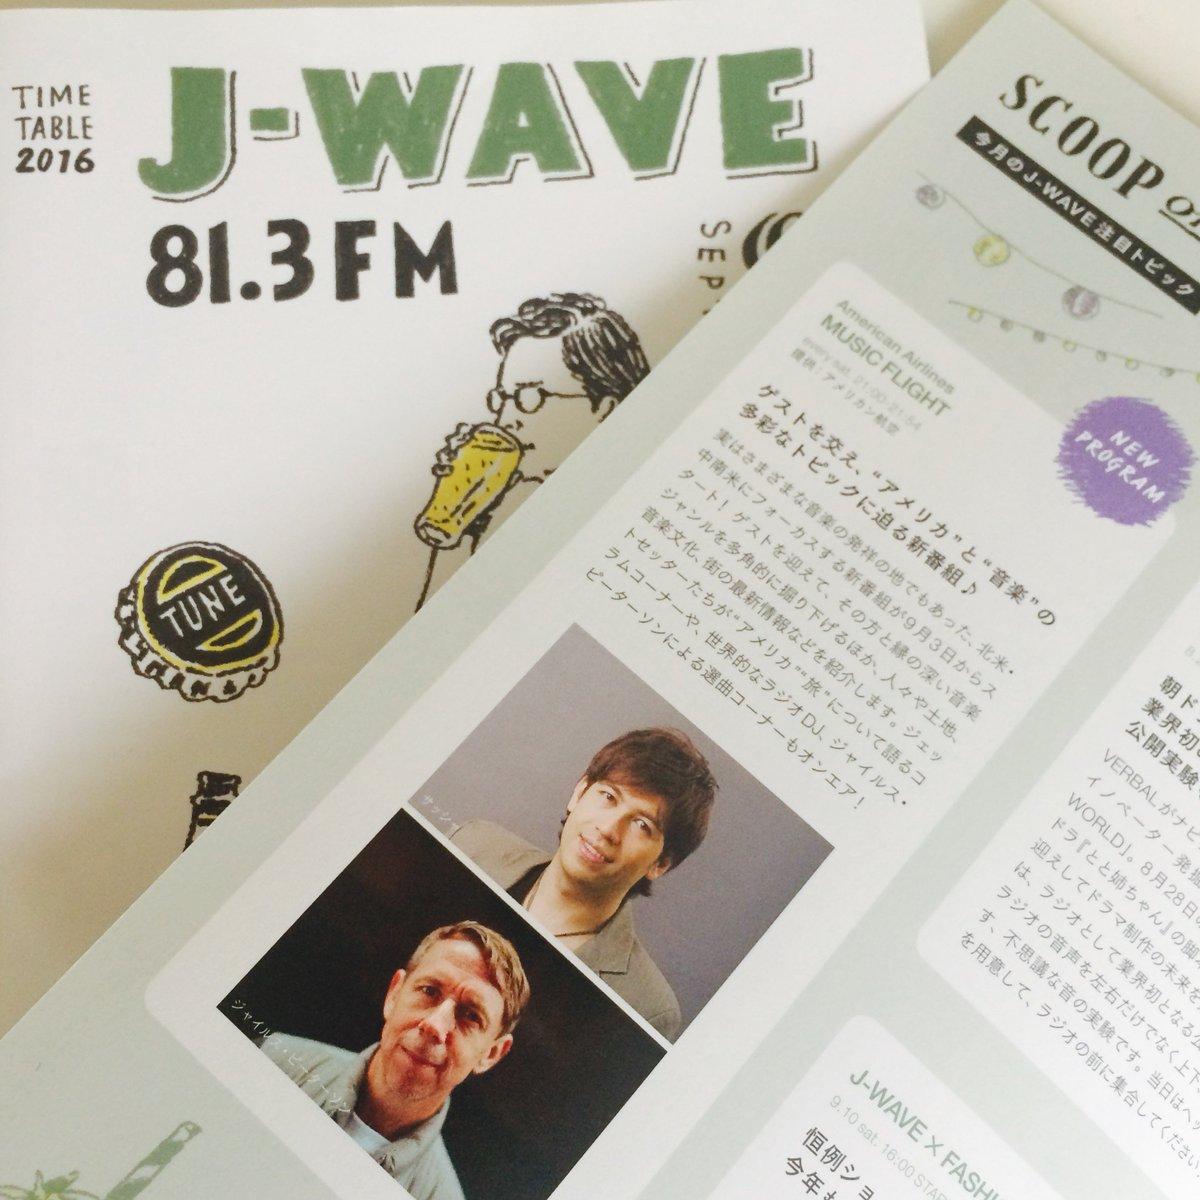 ジャイルス・ピーターソン@gillespeterson が #jwave にカムバック!毎週土曜夜21時OAのMusic Flight @AAMF813 にて「Music Souvenir」=とっておきの音のお土産をセレクト♩ https://t.co/bjrcaSZXl4